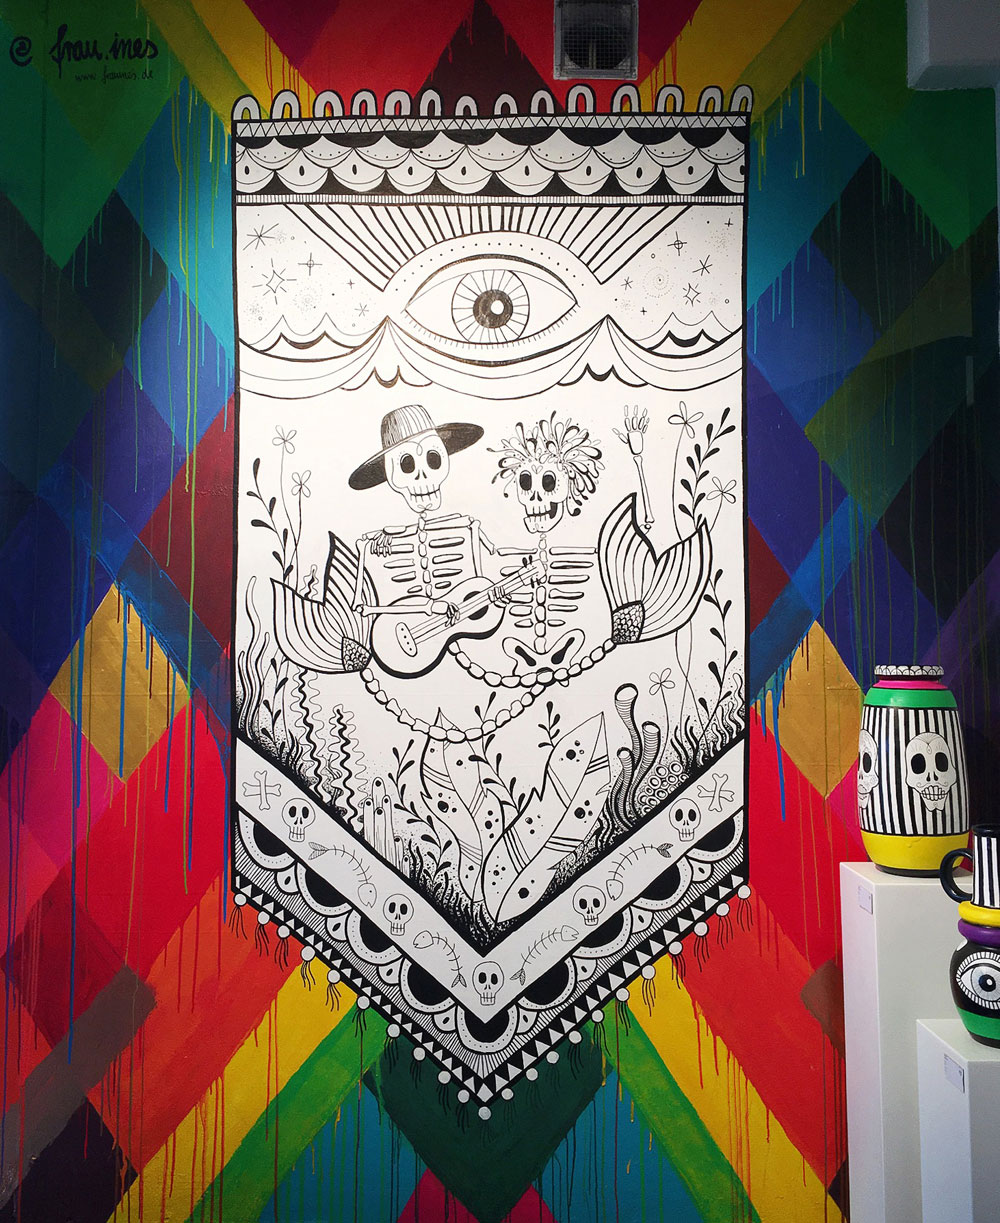 Mural und Ausstellung zum Thema »Art creates Water« in der Millerntorgallery 2019 | Acryl auf Wand und Keramik